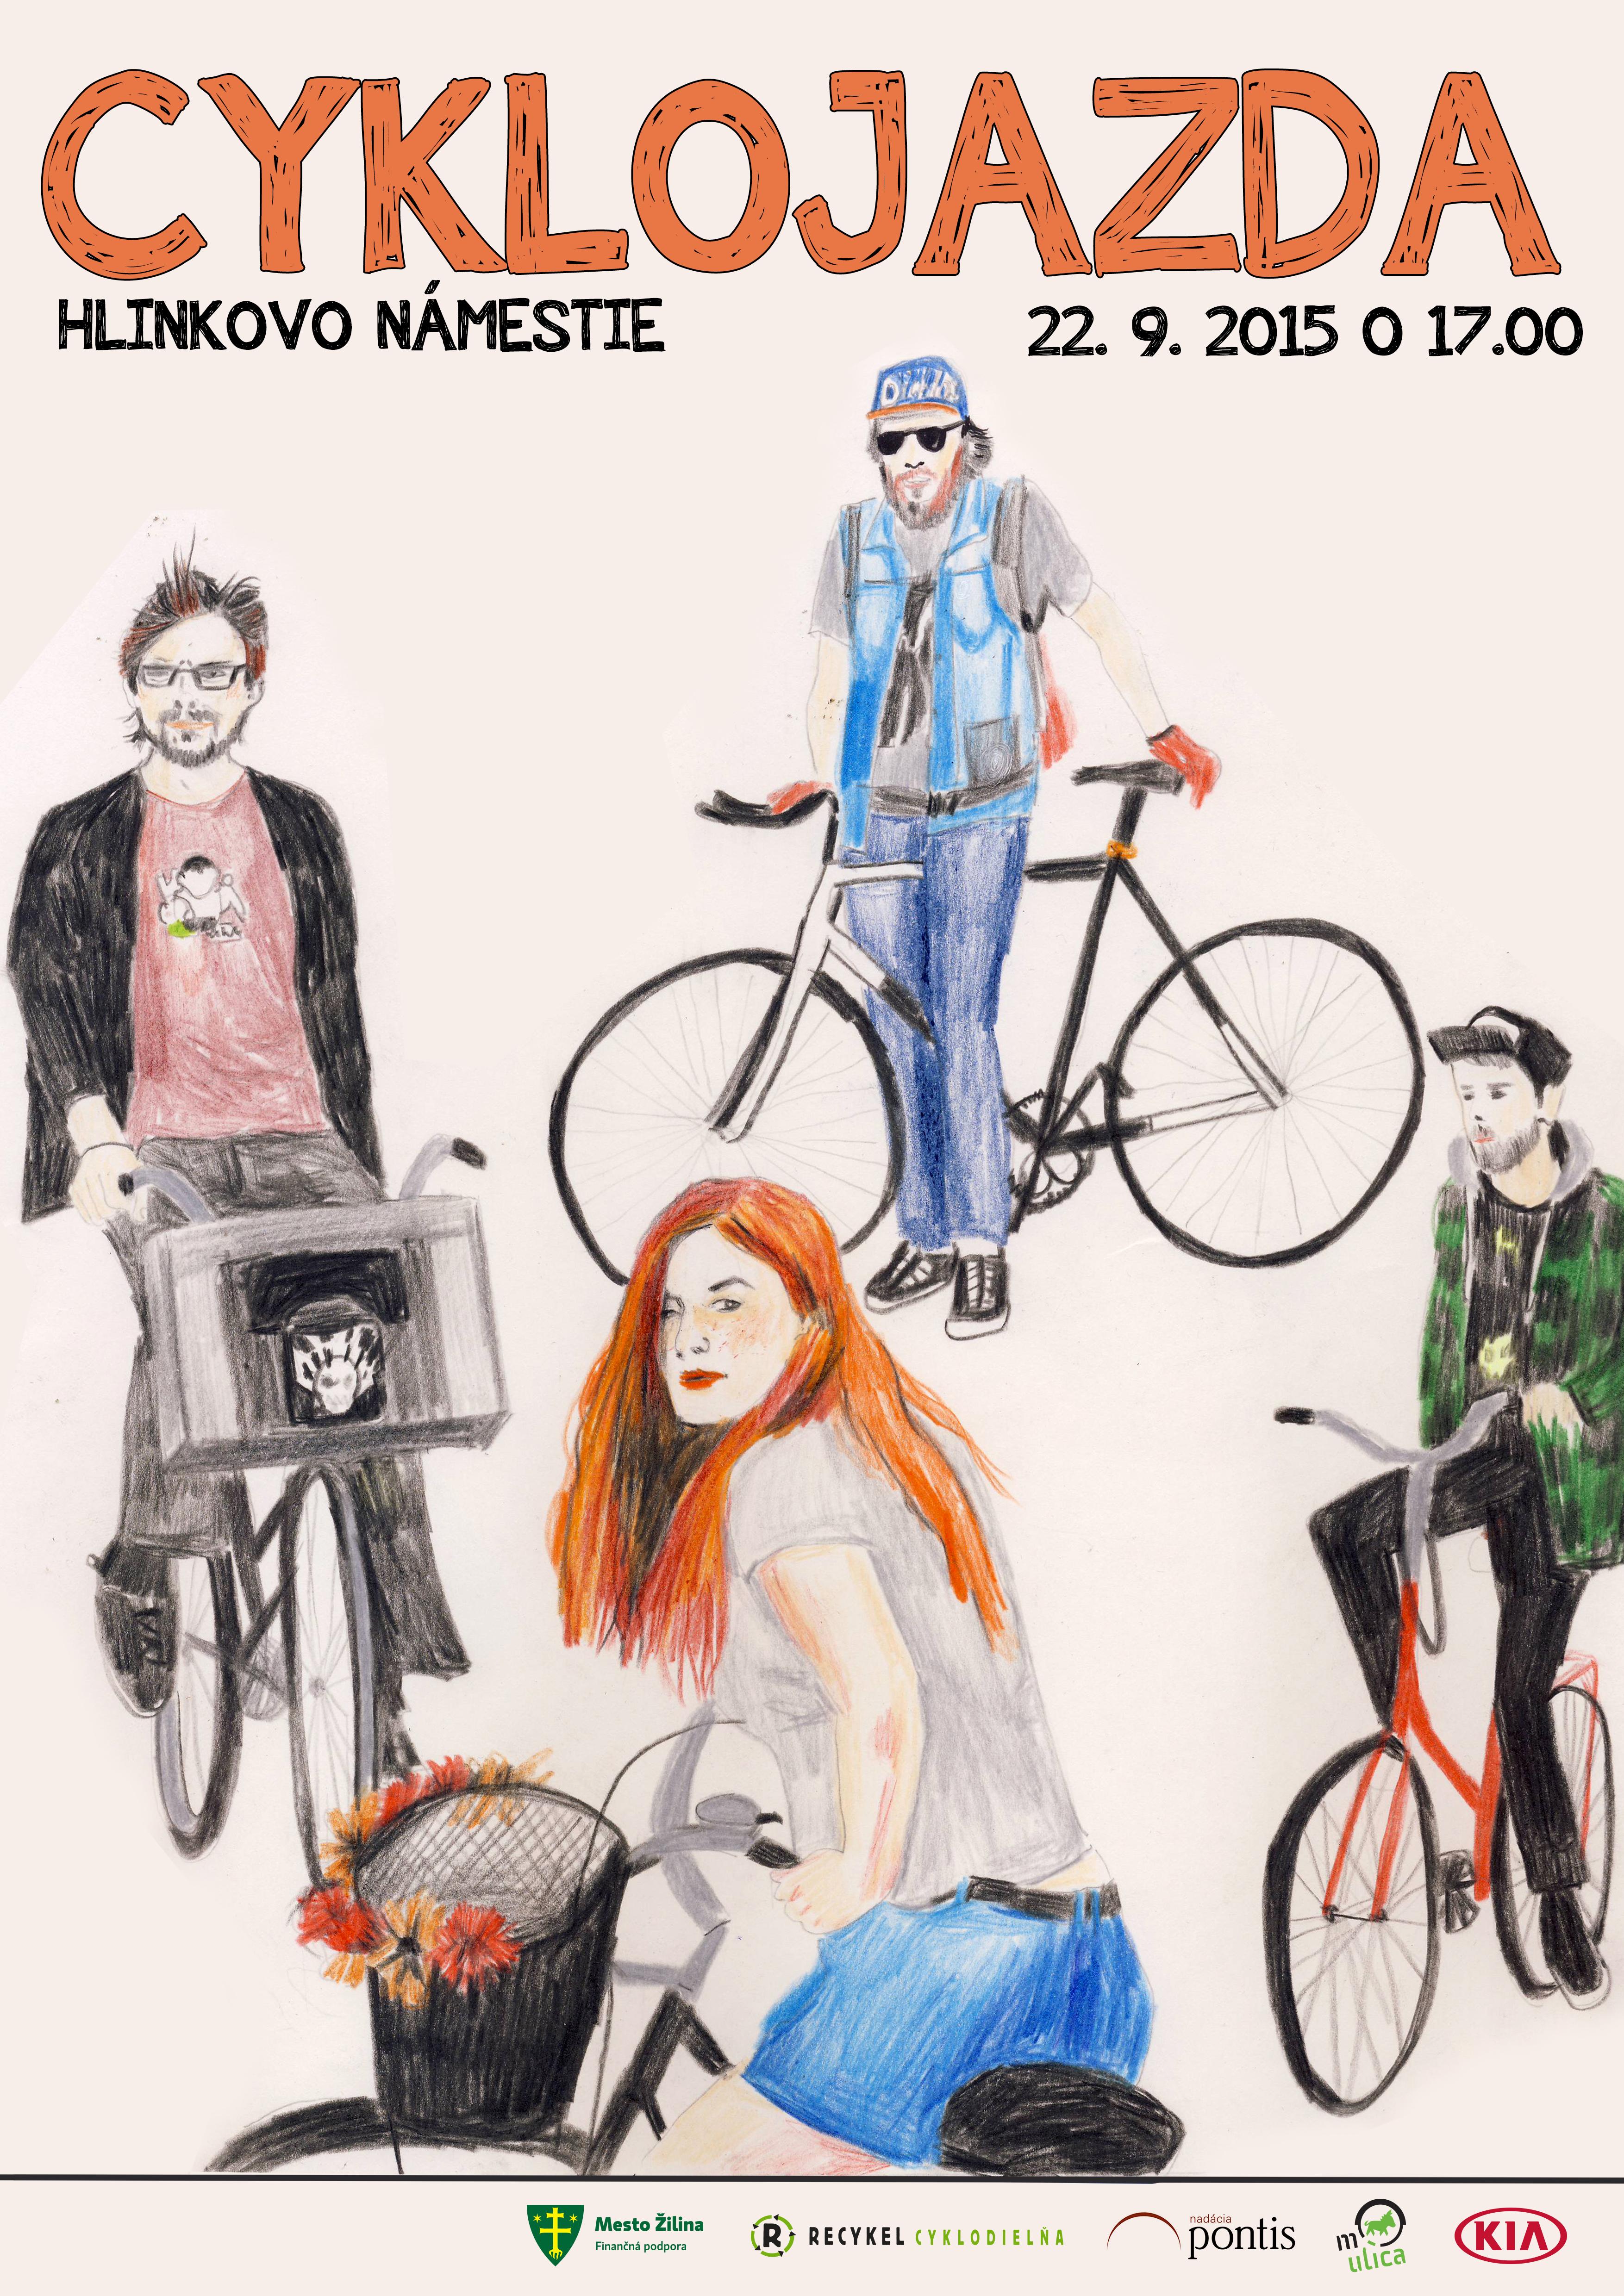 Pozvánka na Veľkú jesennú cyklojazdu 22.9.2015.